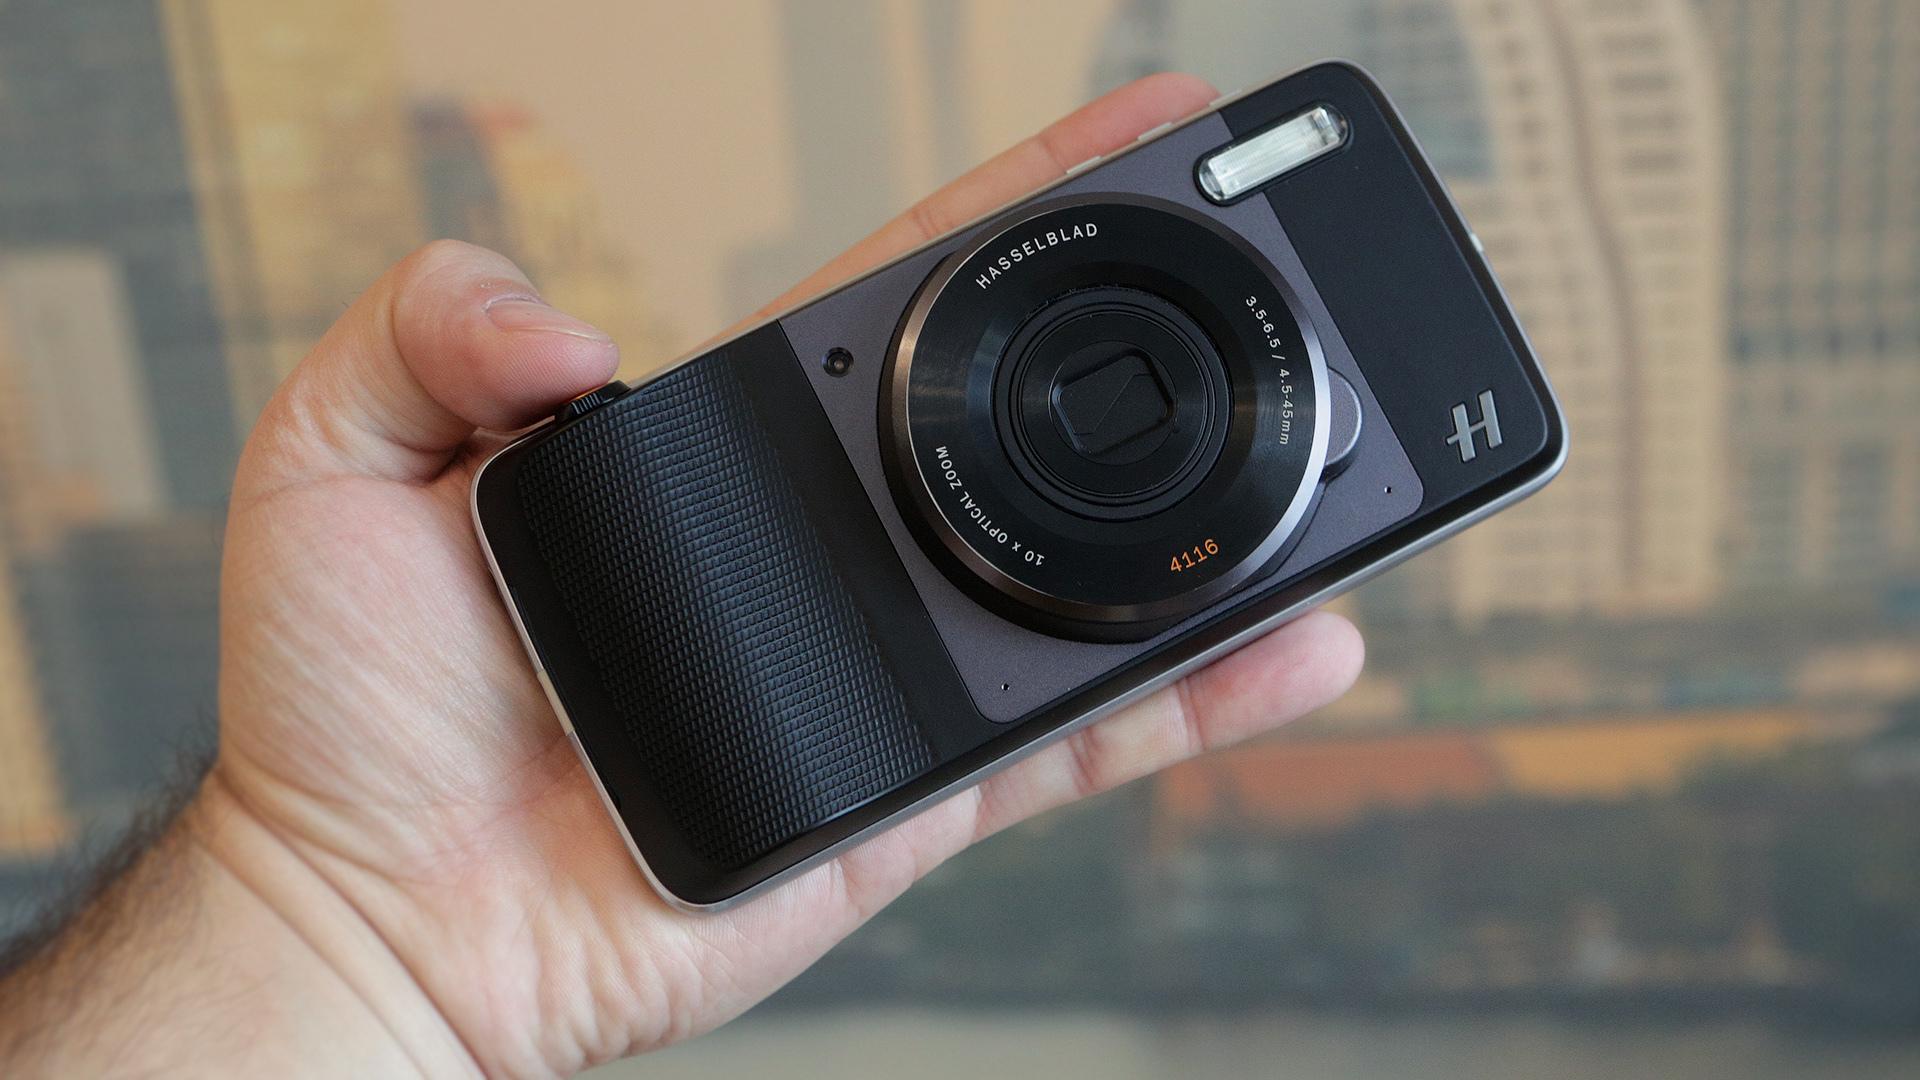 популярности телефон с оптической стабилизацией фото отличается своей устойчивостью